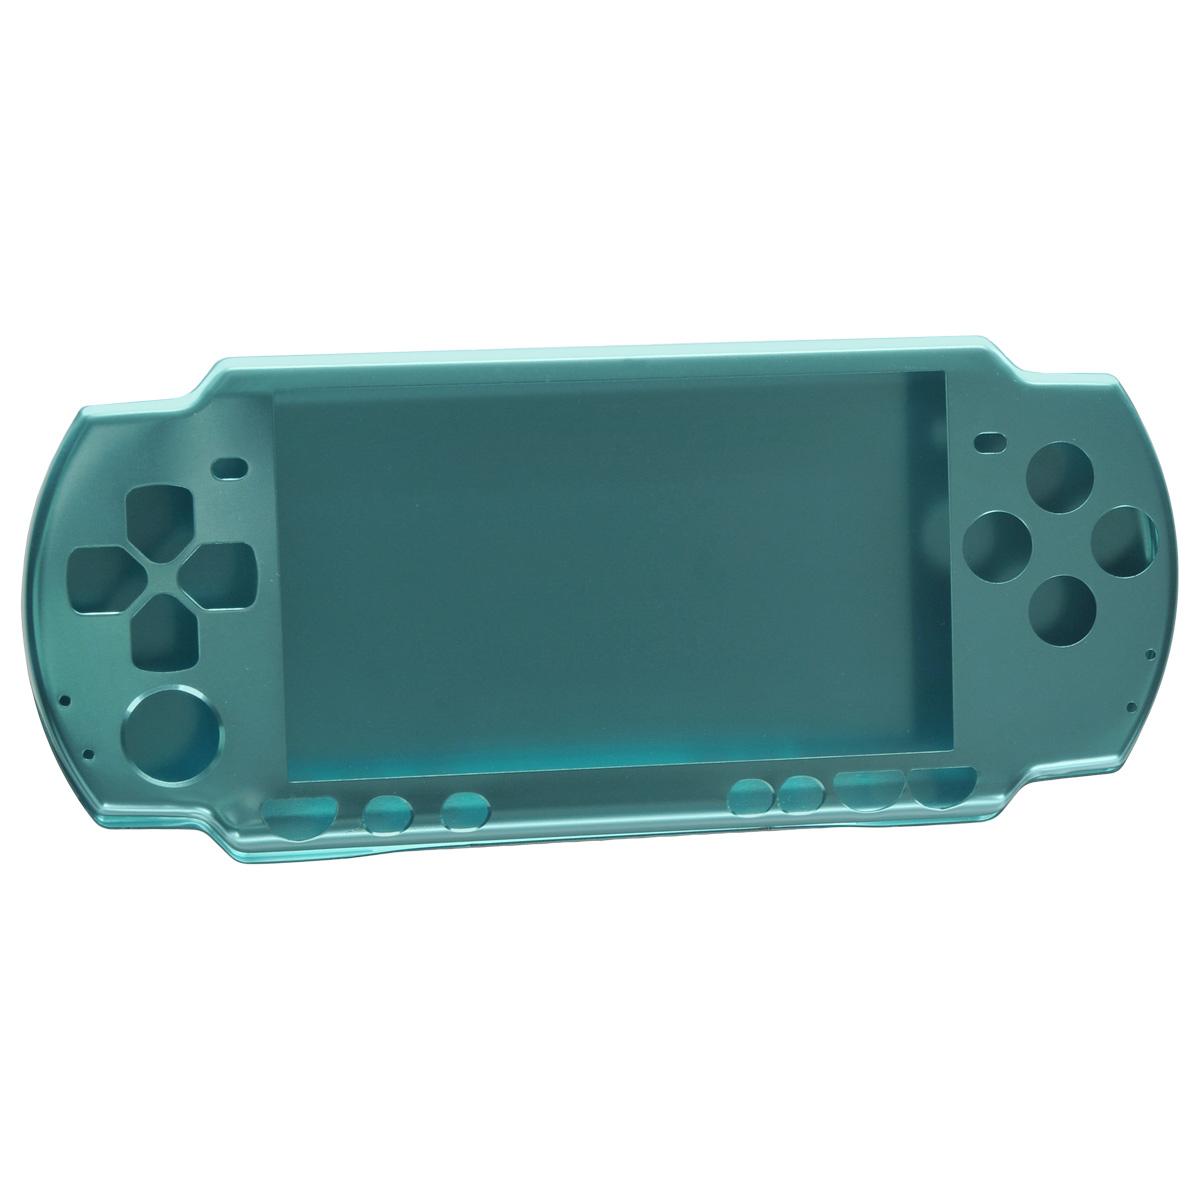 все цены на Алюминиевый защитный корпус Game Guru для Sony PSP 2000/3000 (голубой)